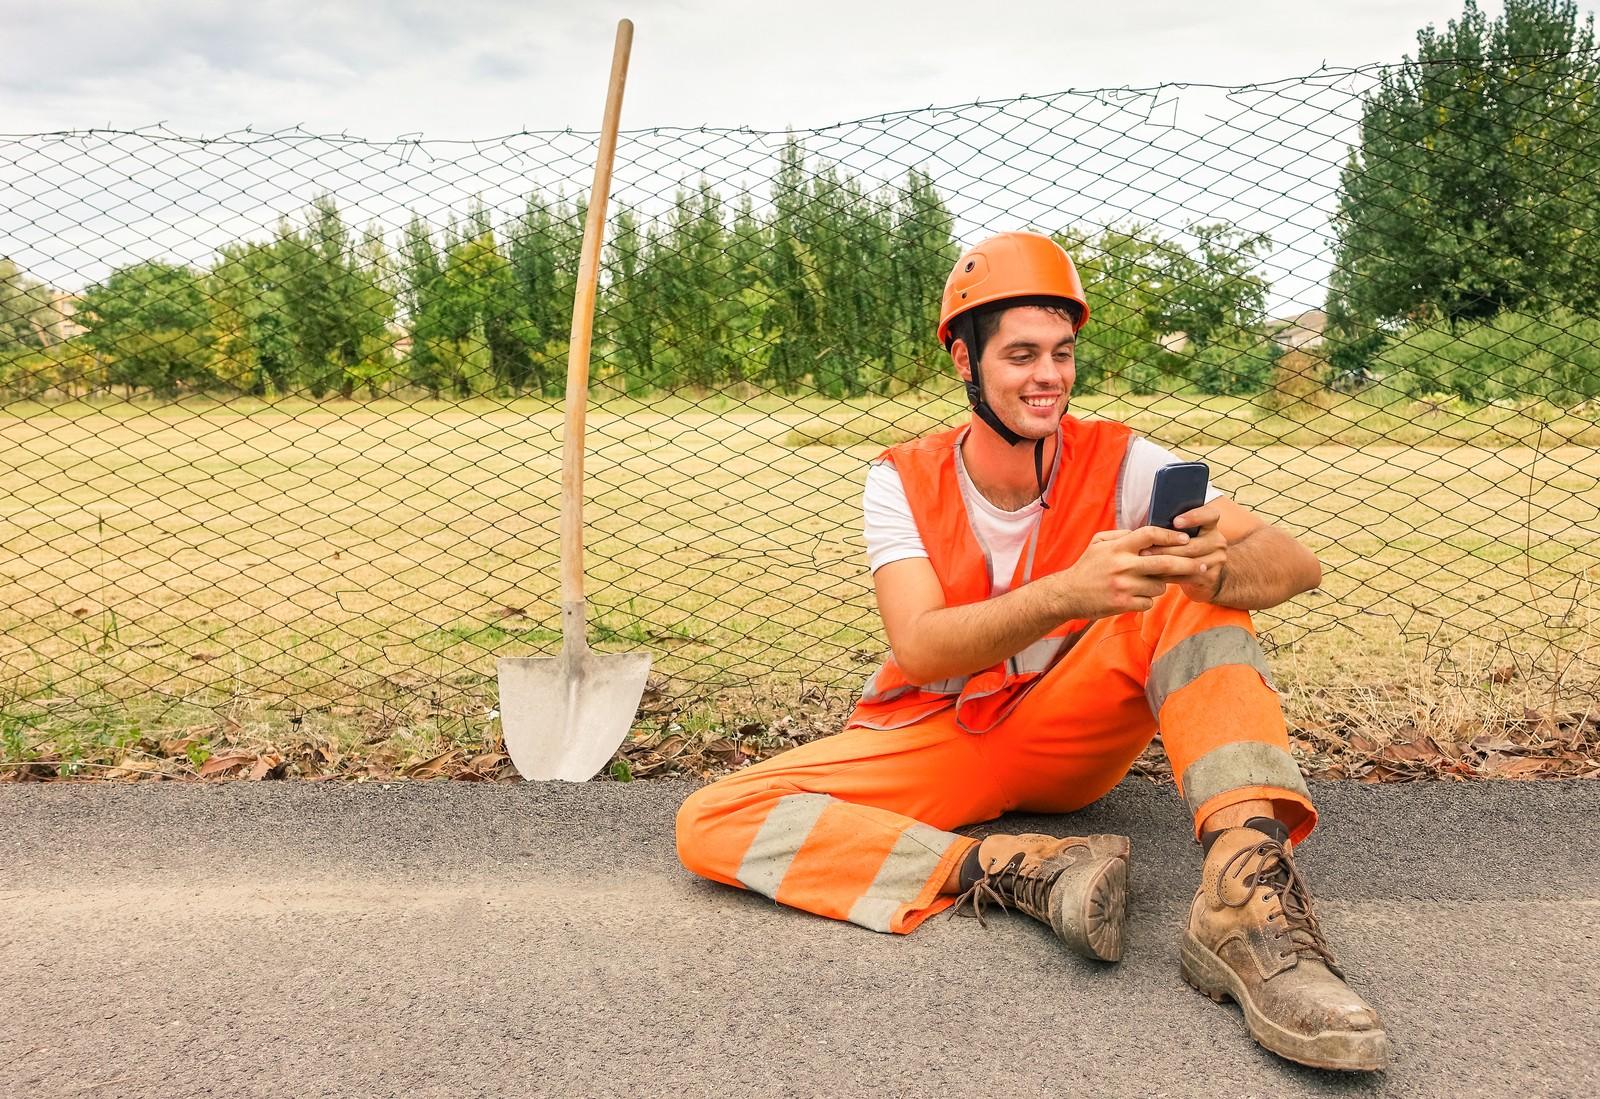 Social-Media-Aktivitäten für den Betrieb sind Arbeitszeit. Das sollten alle Teammitglieder akzeptieren.